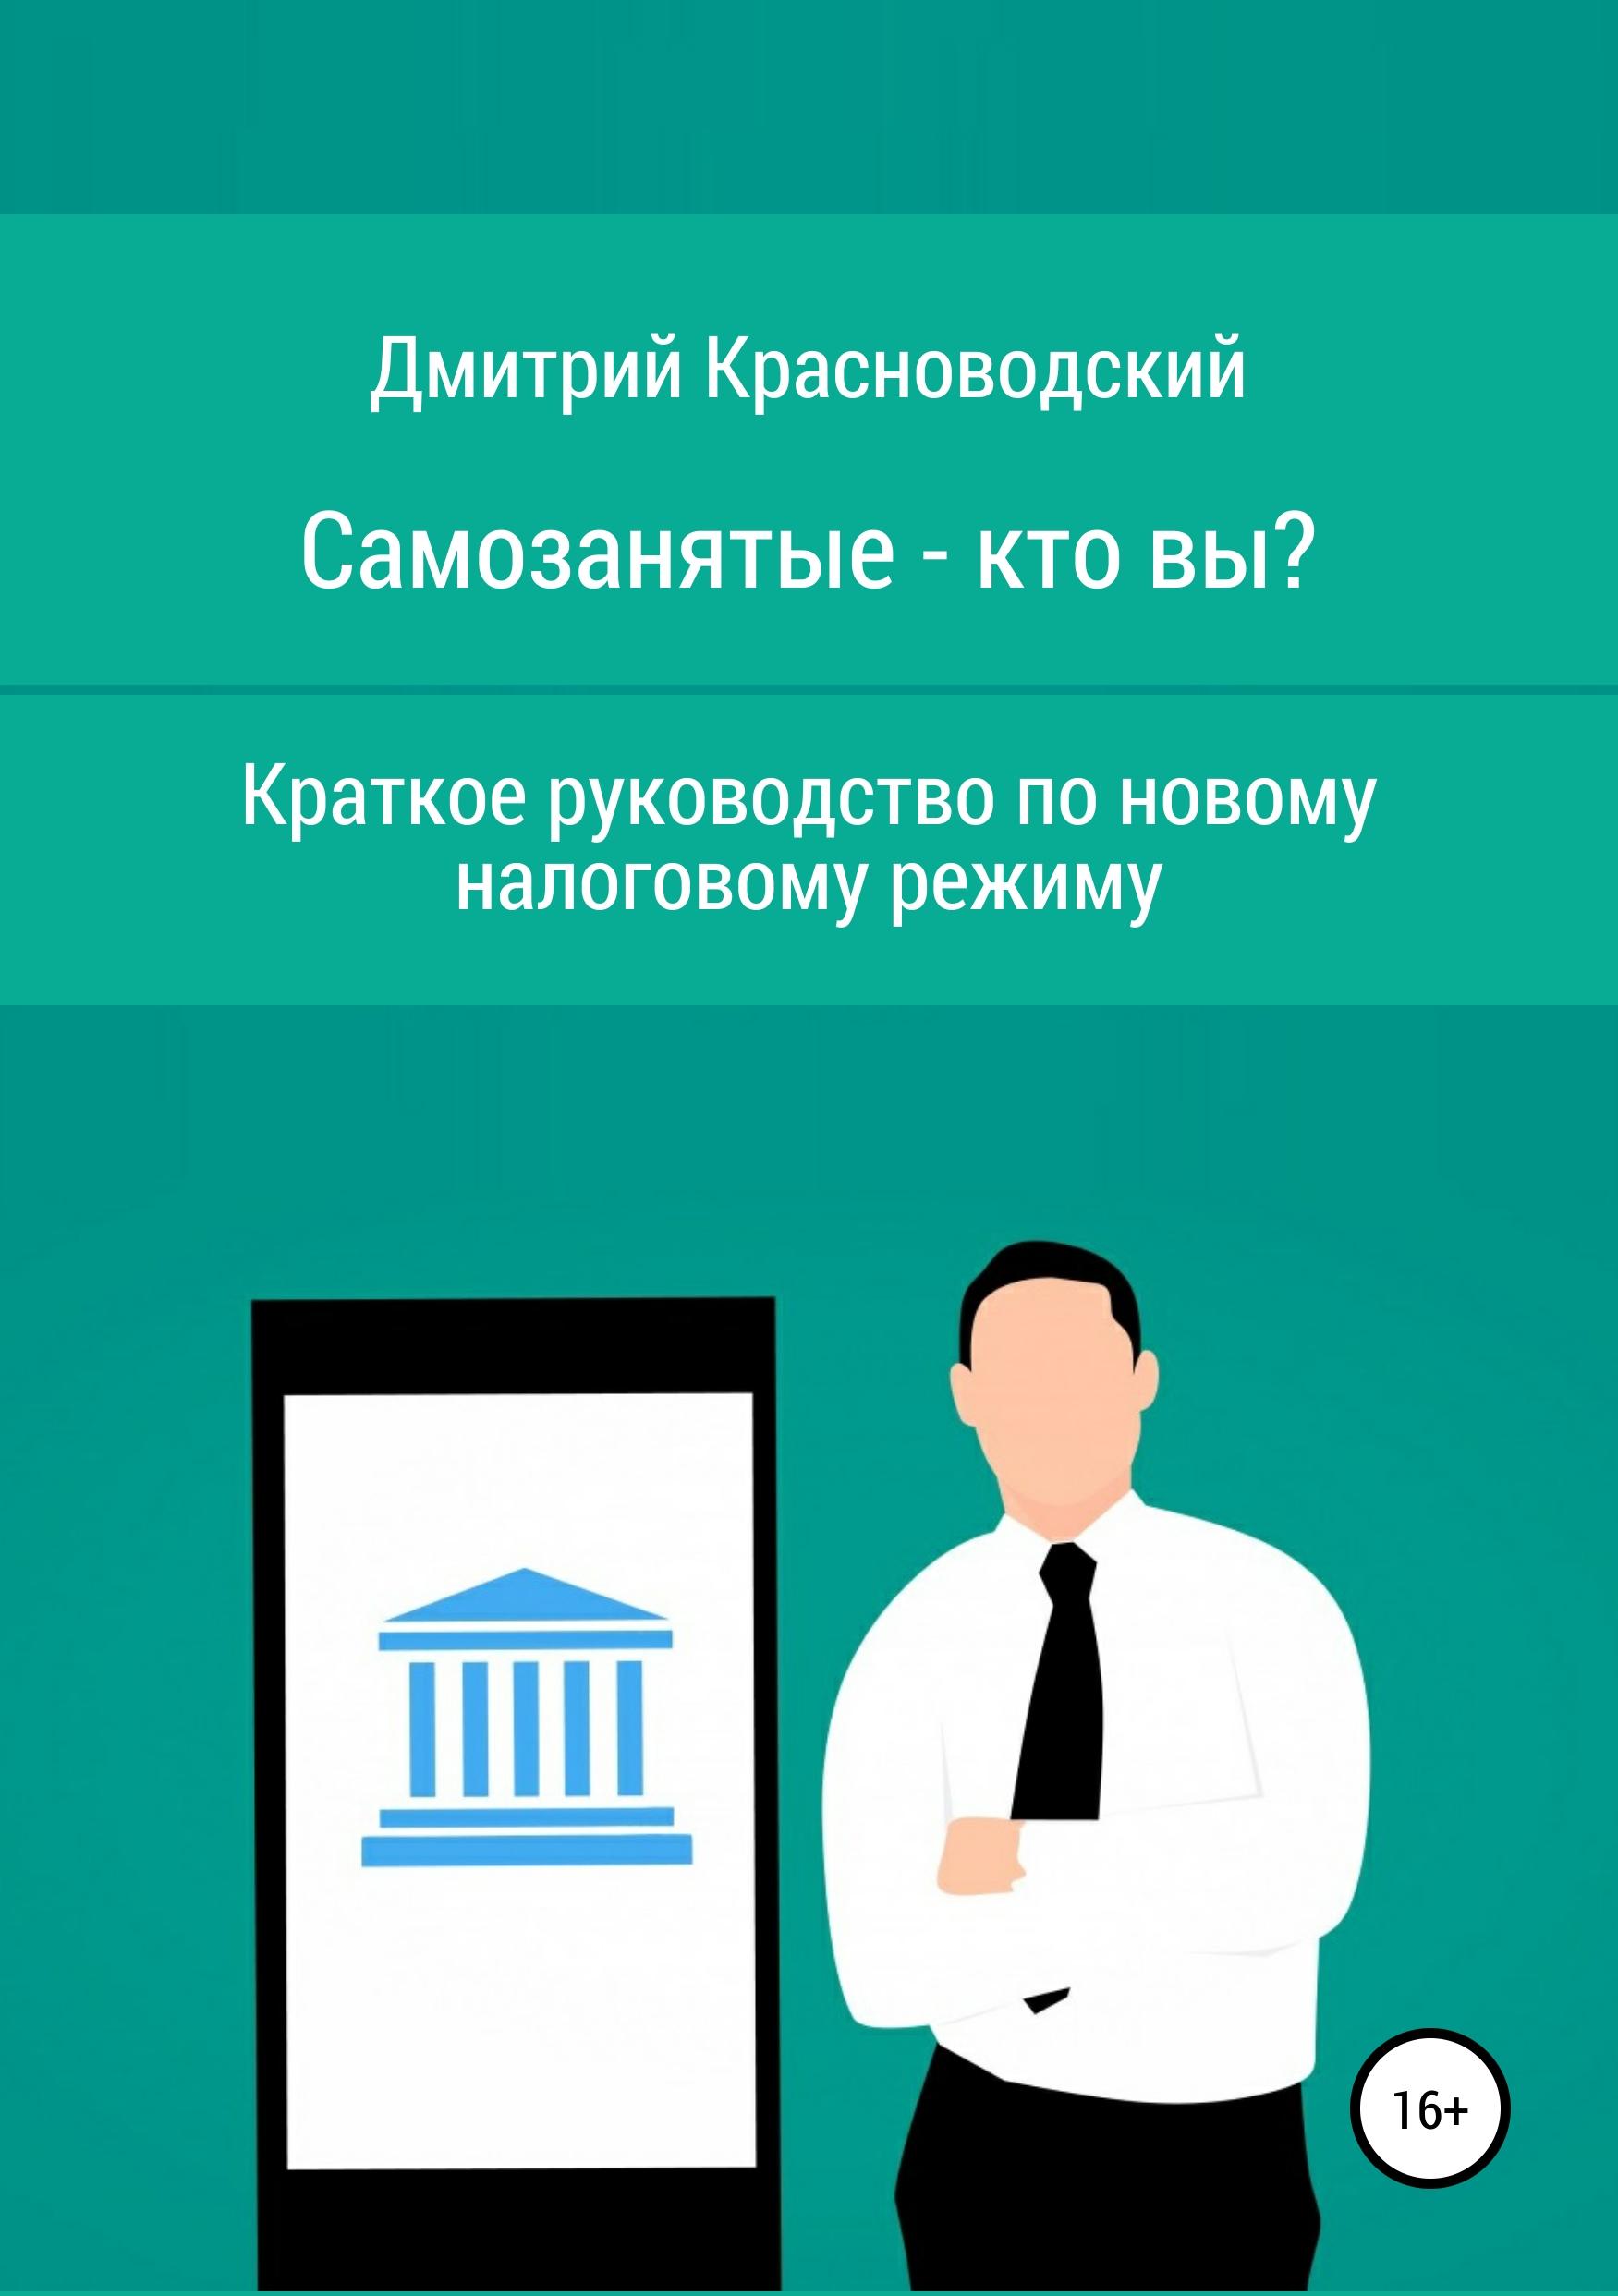 Обложка книги. Автор - Дмитрий Красноводский